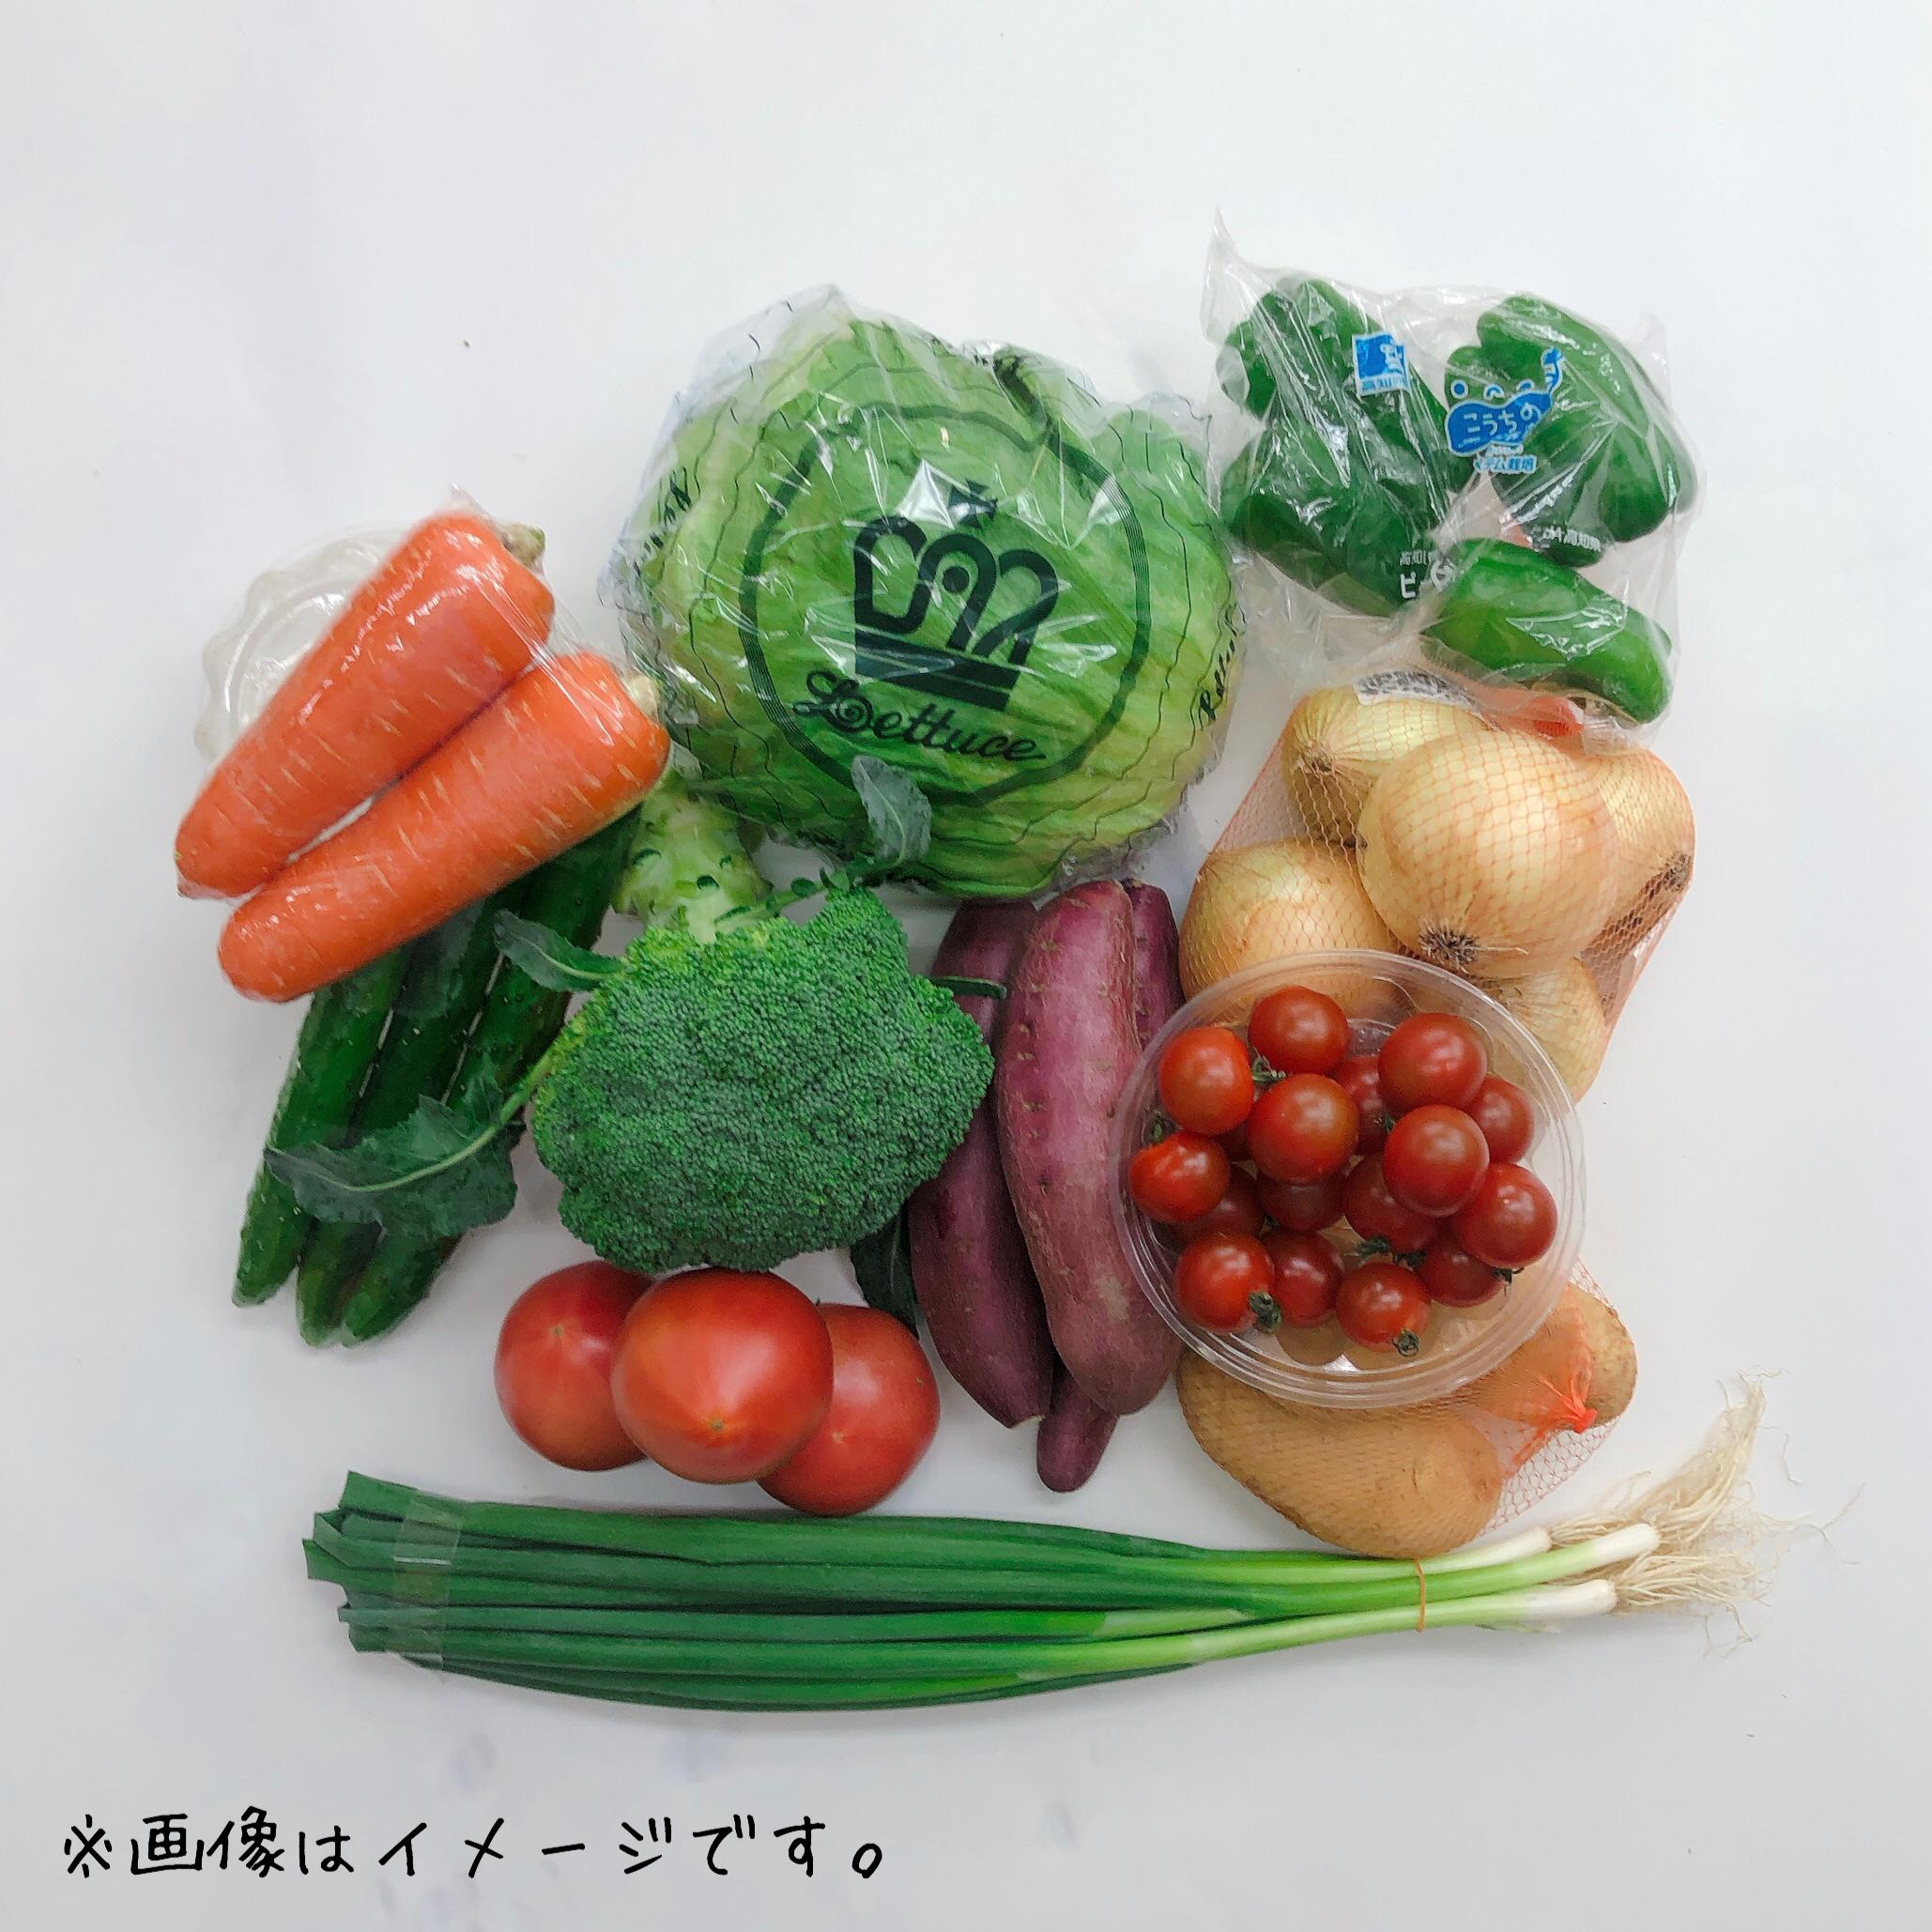 店長厳選☆旬のお野菜おまかせコース 始めました!